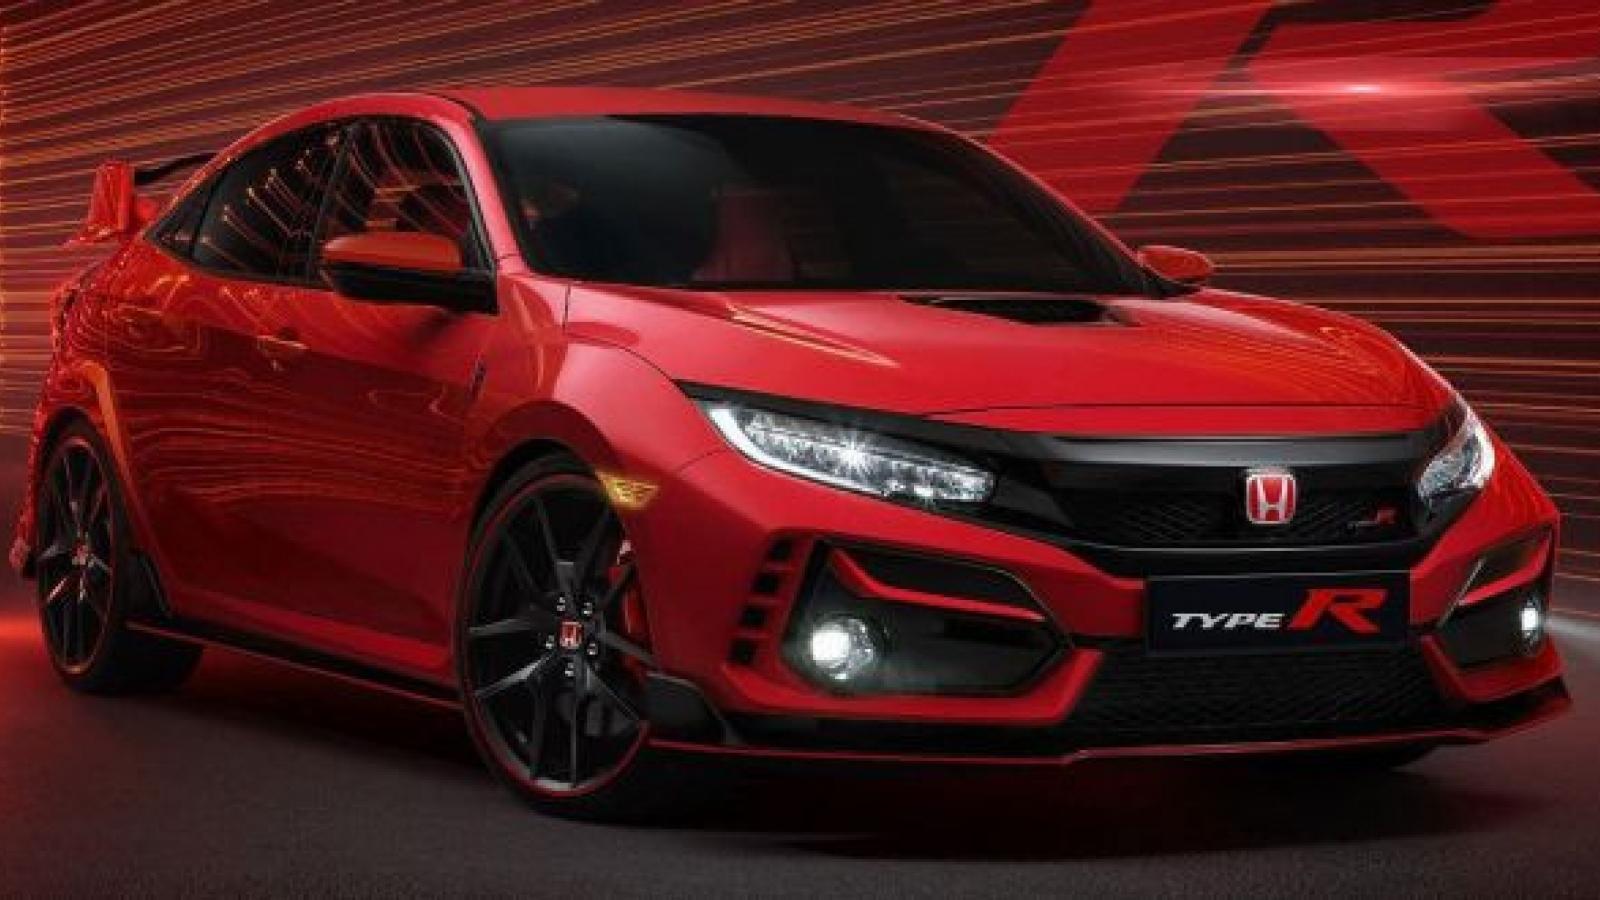 Cận cảnh Honda Civic Type R bản nâng cấp 2021 chốt giá 1,9 tỷ đồng